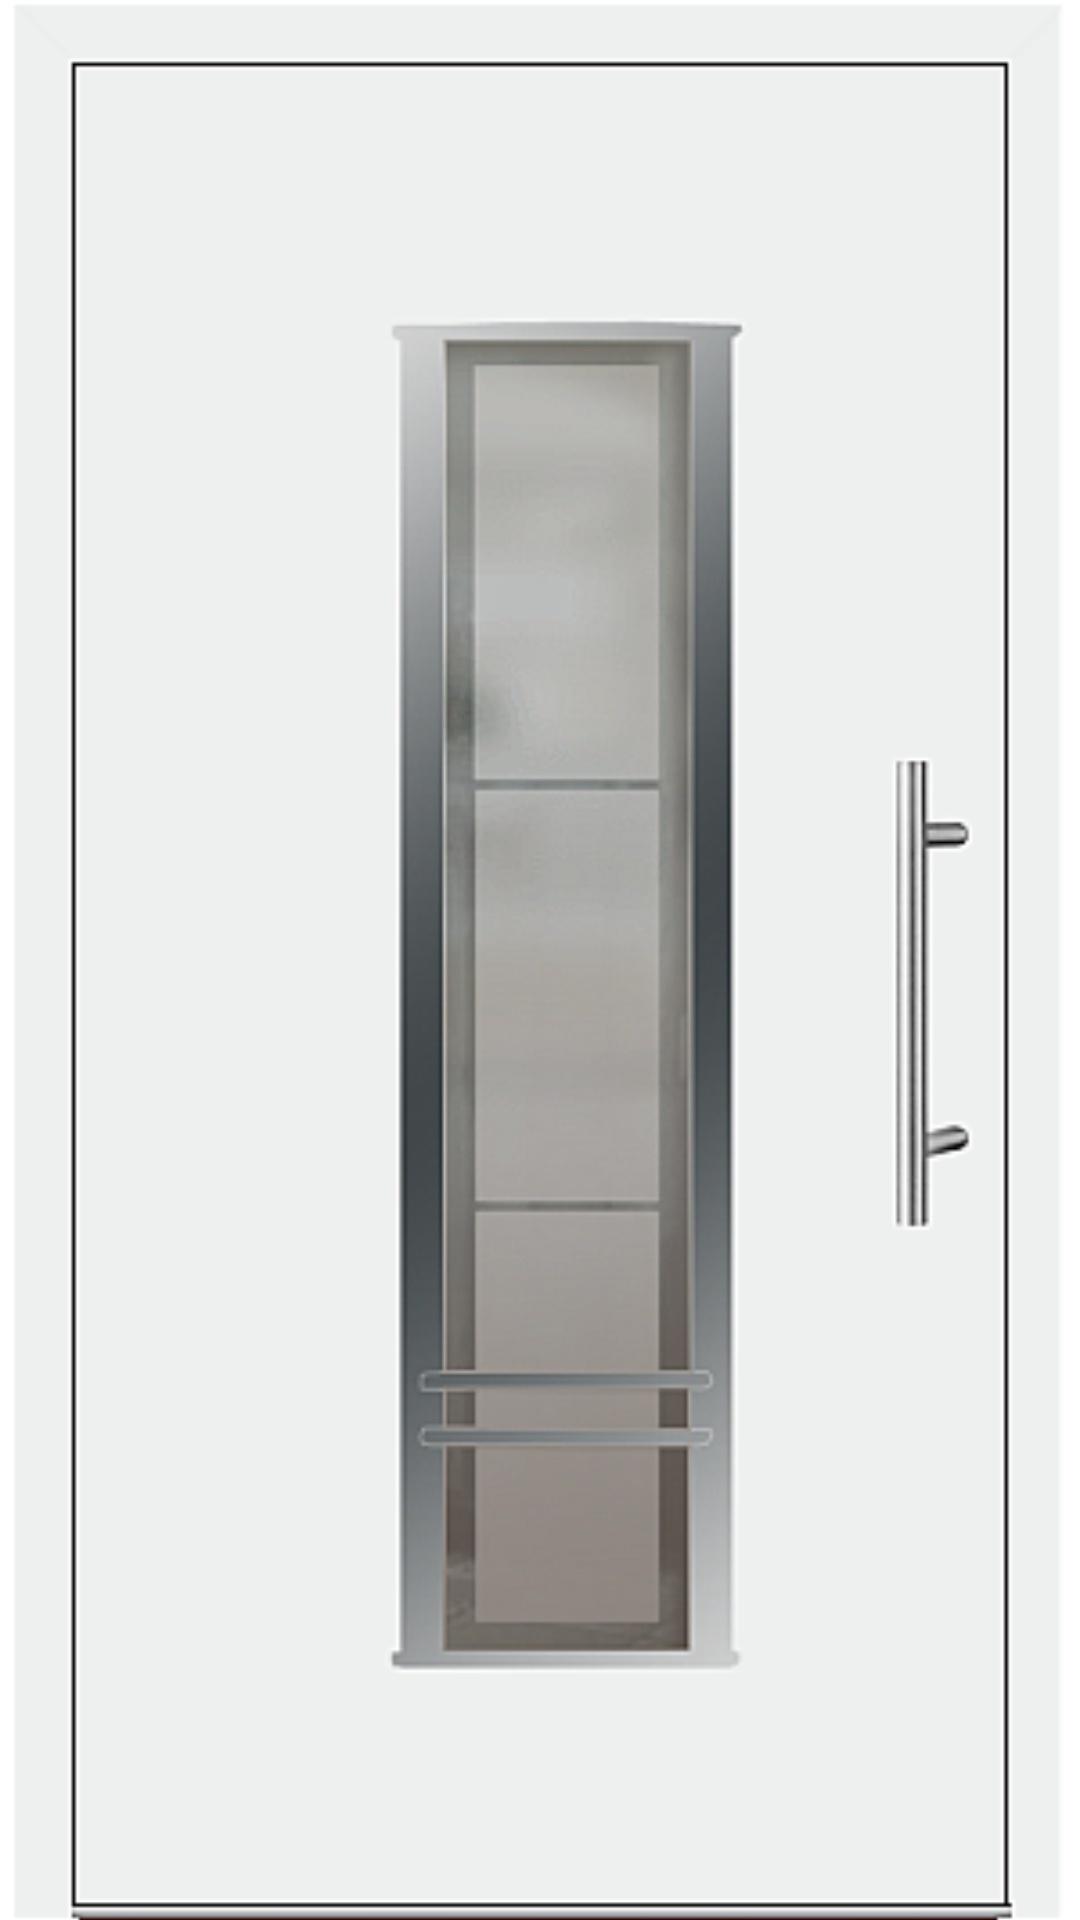 Kunststoff Haustür Modell 6817-79 weiß